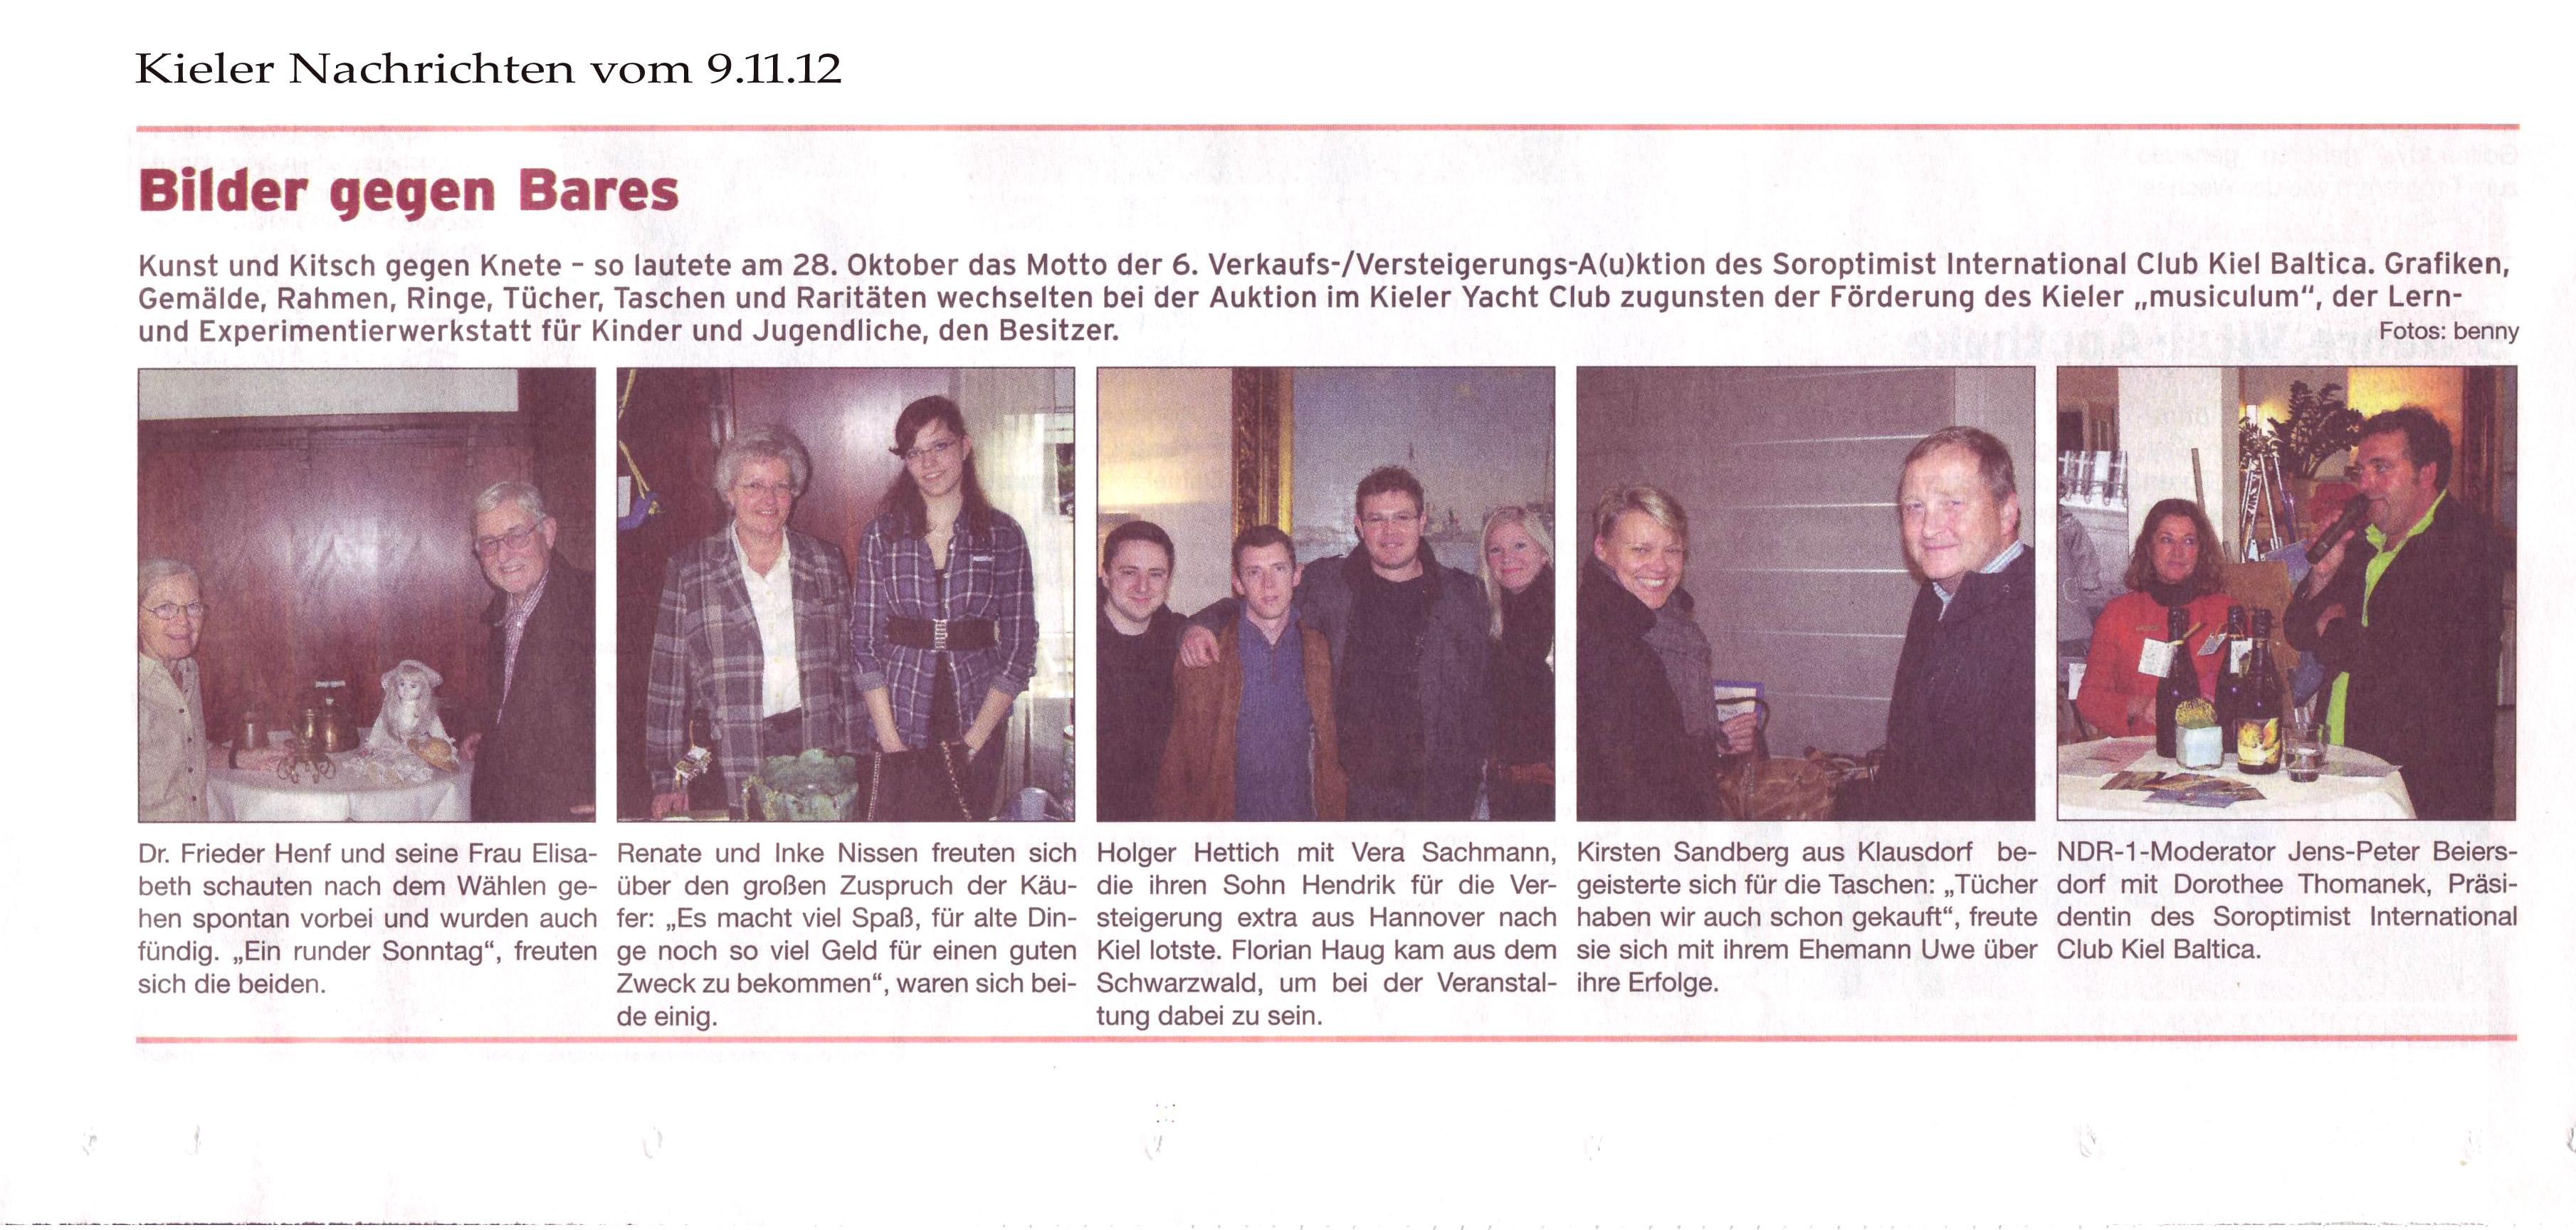 Kieler Nachrichten vom 9.11.12